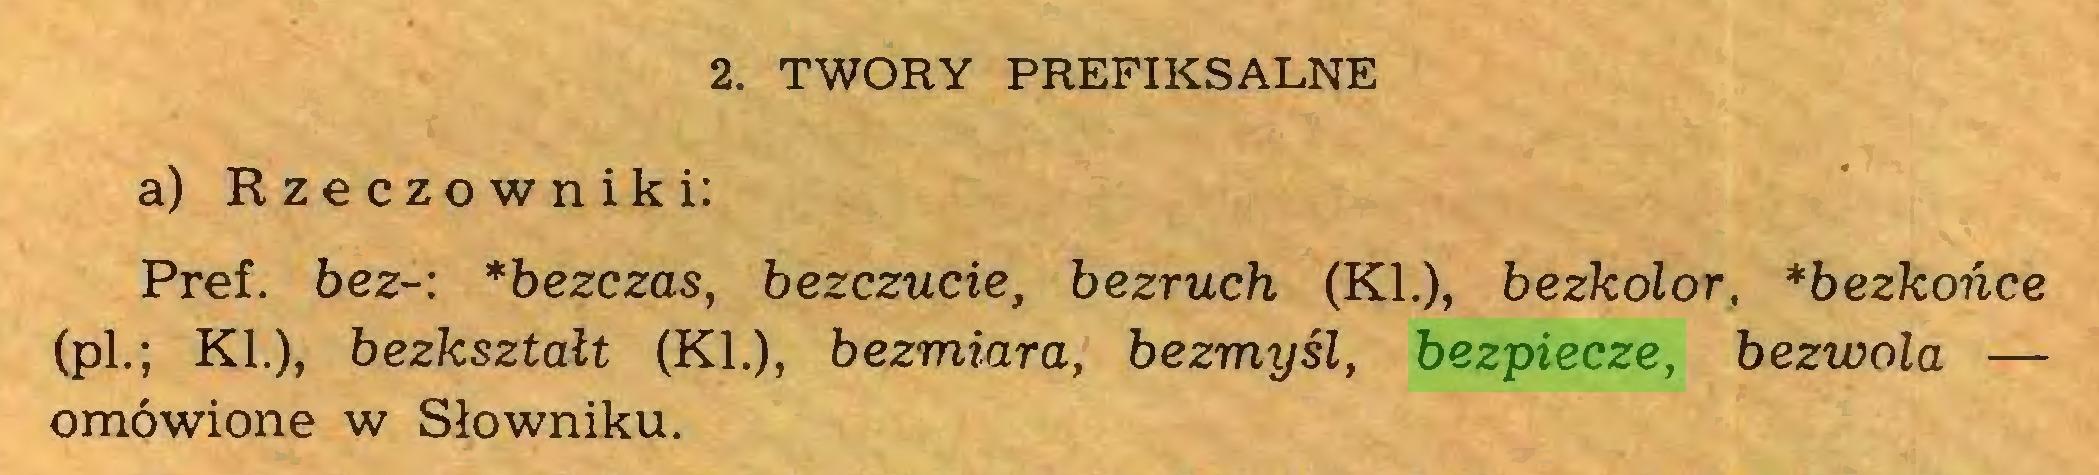 (...) 2. TWORY PREFIKSALNE a) Rzeczowniki: Pref. bez-: *bezczas, bezczucie, bezruch (KI.), bezkolor, *bezkońce (pl.; KI.), bezkształt (KL), bezmiara, bezmyśl, bezpiecze, bezwola — omówione w Słowniku...